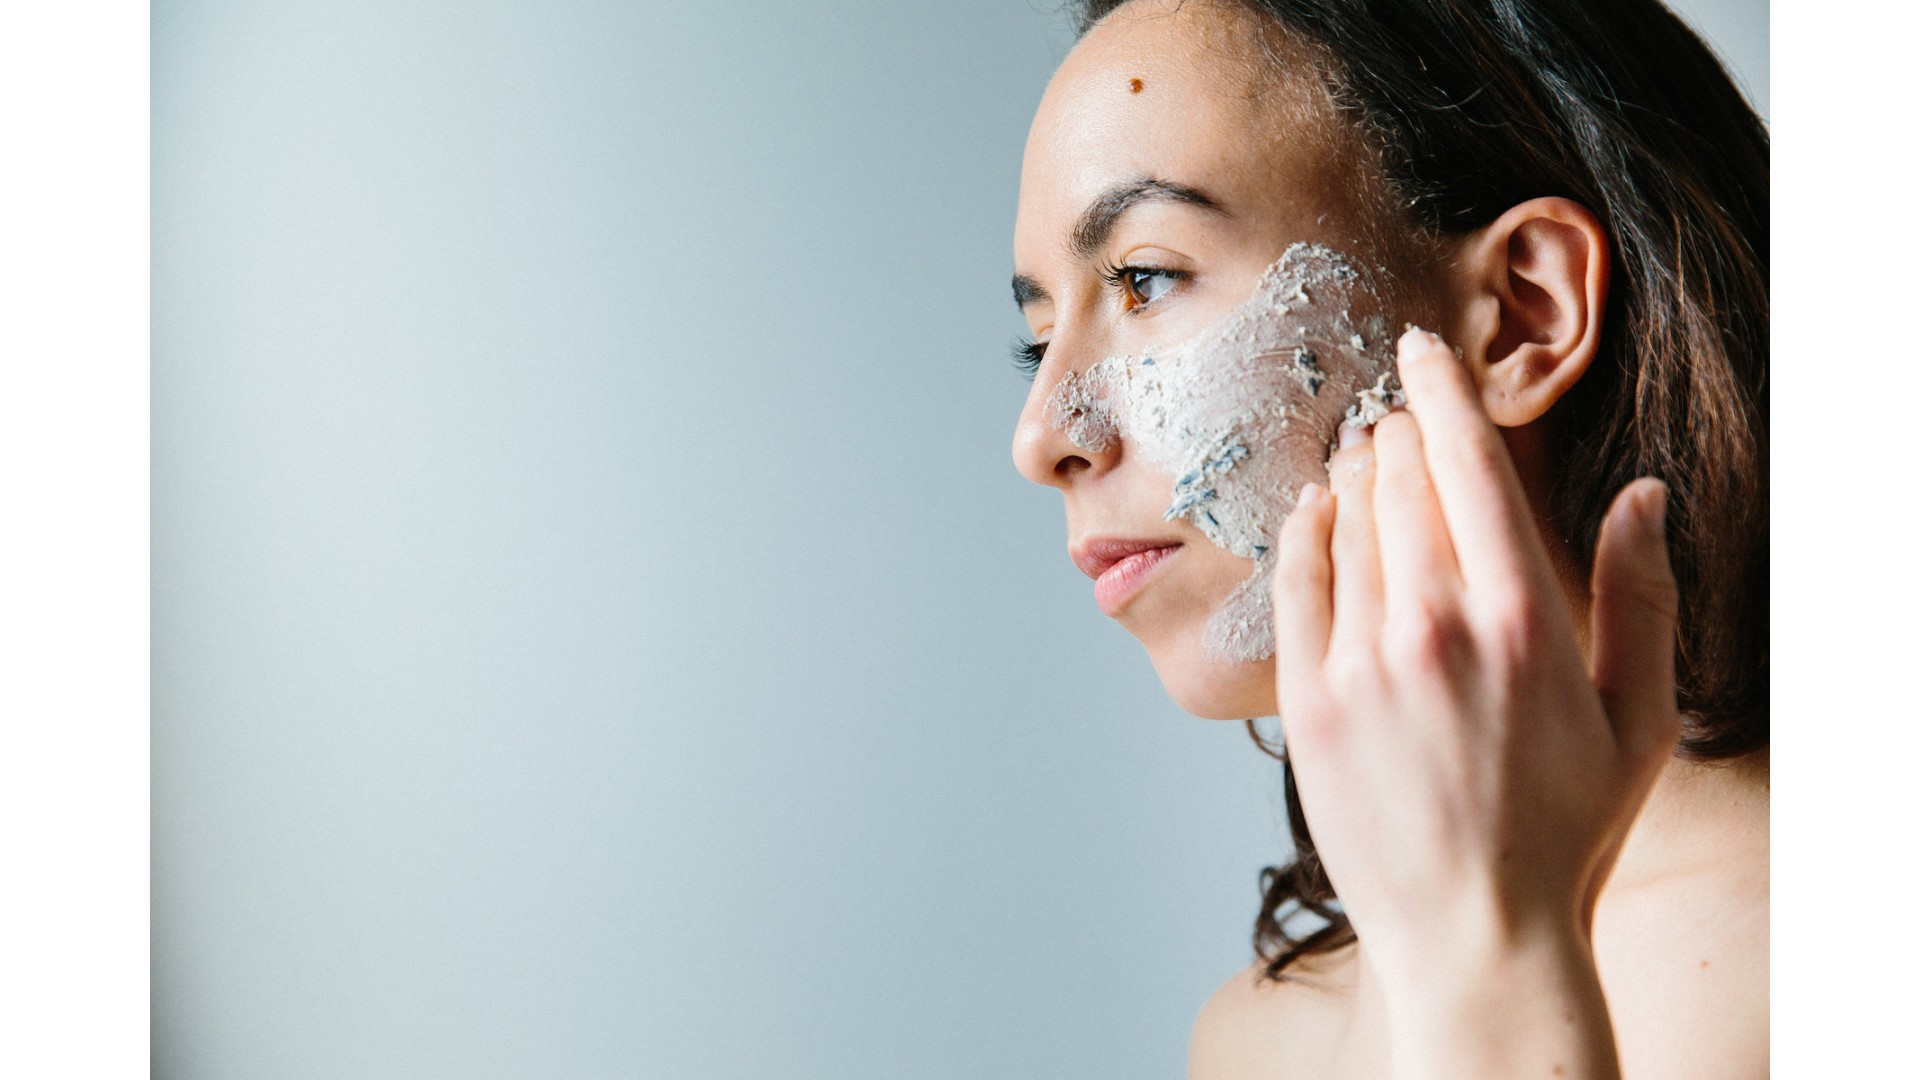 Μια εισαγωγή στις μάσκες προσώπου - σώματος